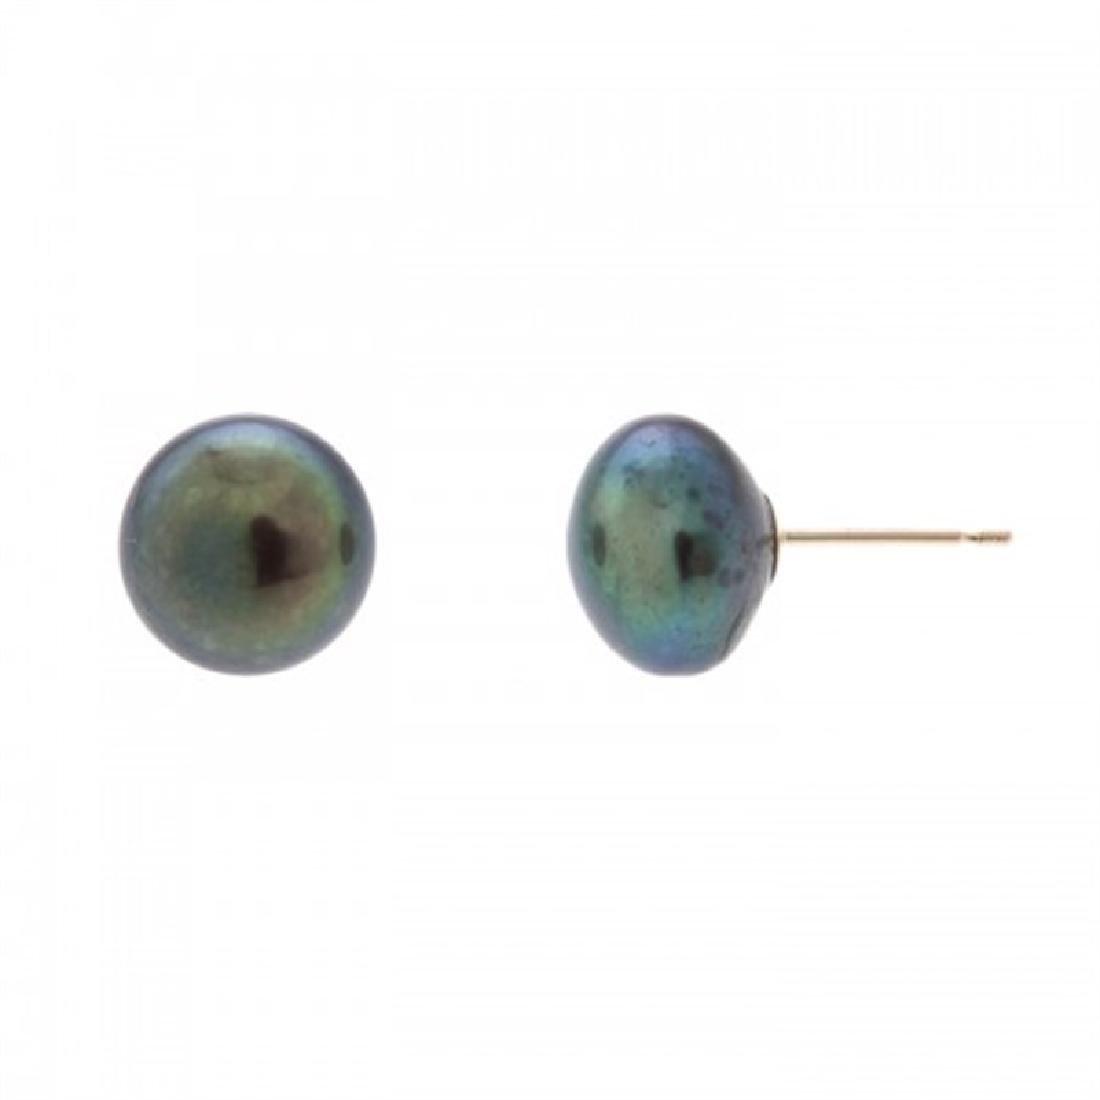 9.0-9.5mm Freshwater Black Pearl Stud Earrings